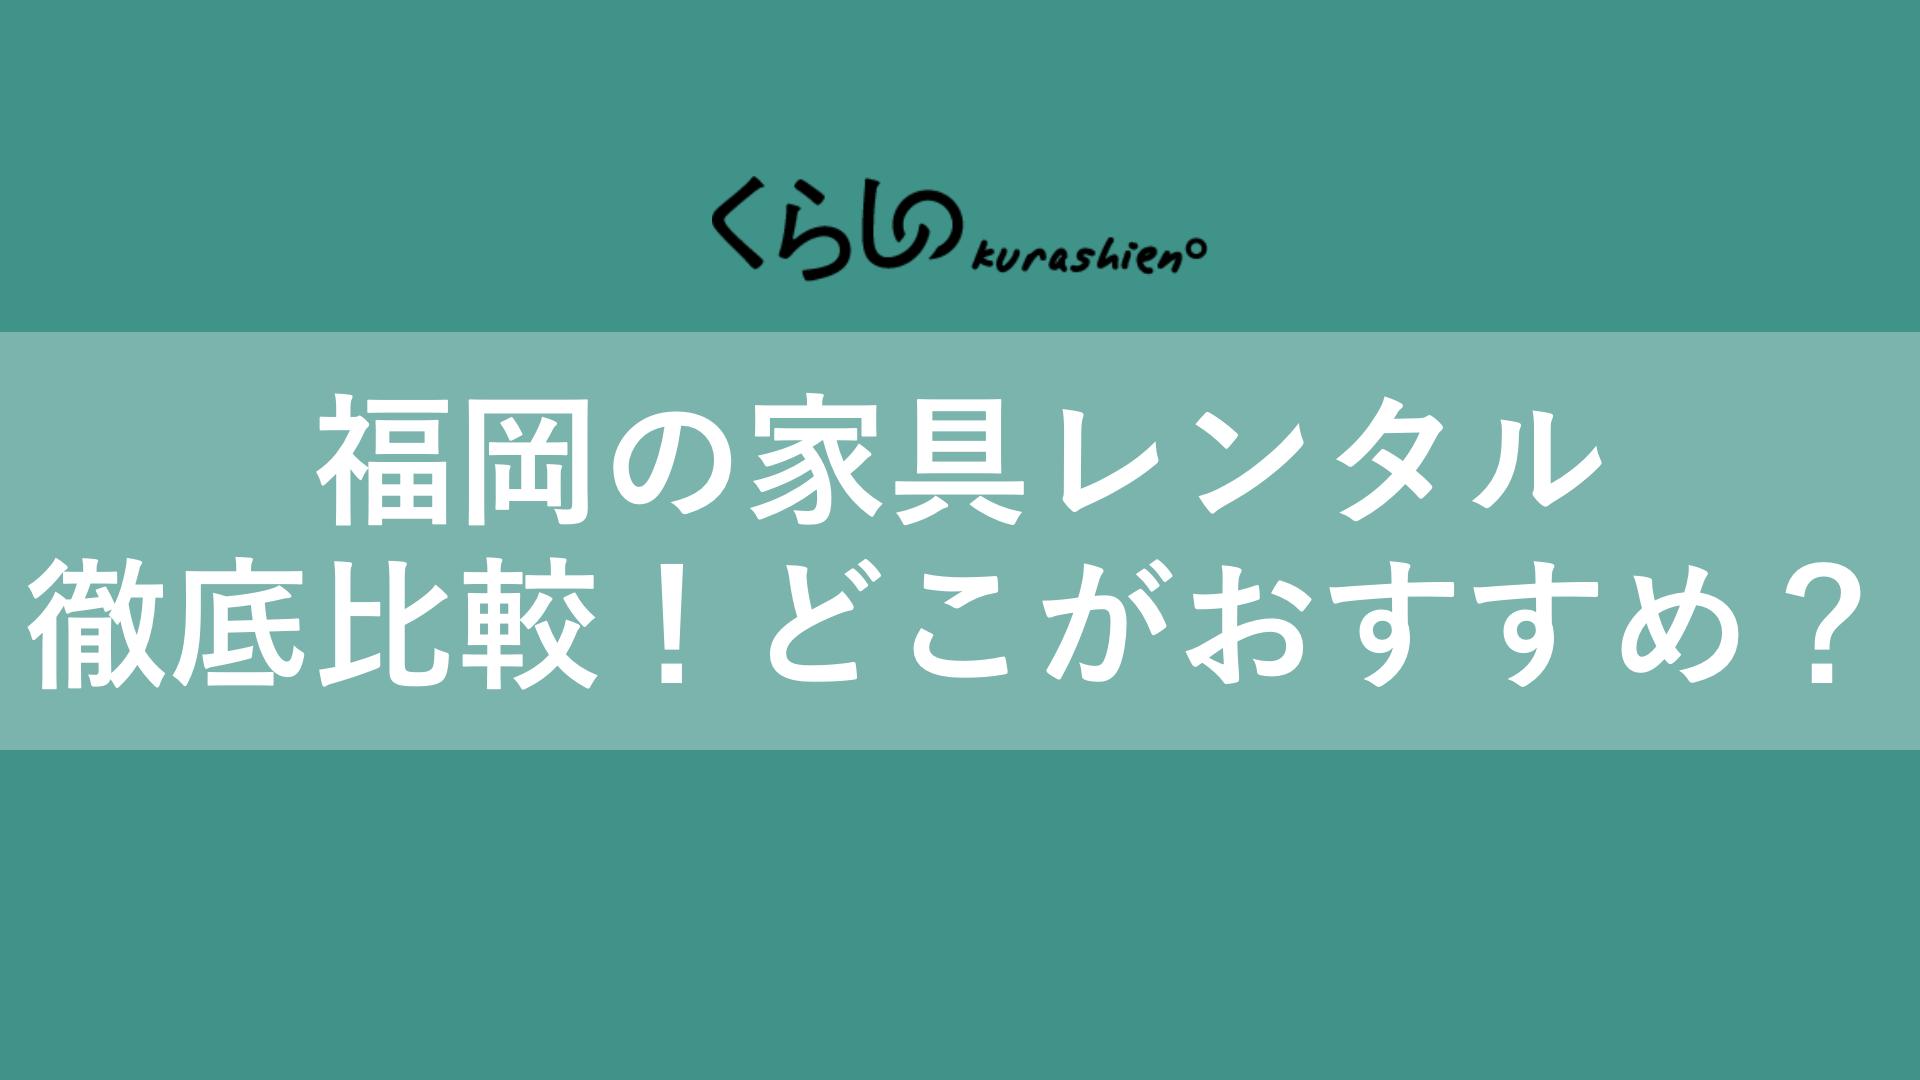 福岡県の家具レンタル徹底比較!どこがおすすめ?評判や口コミも